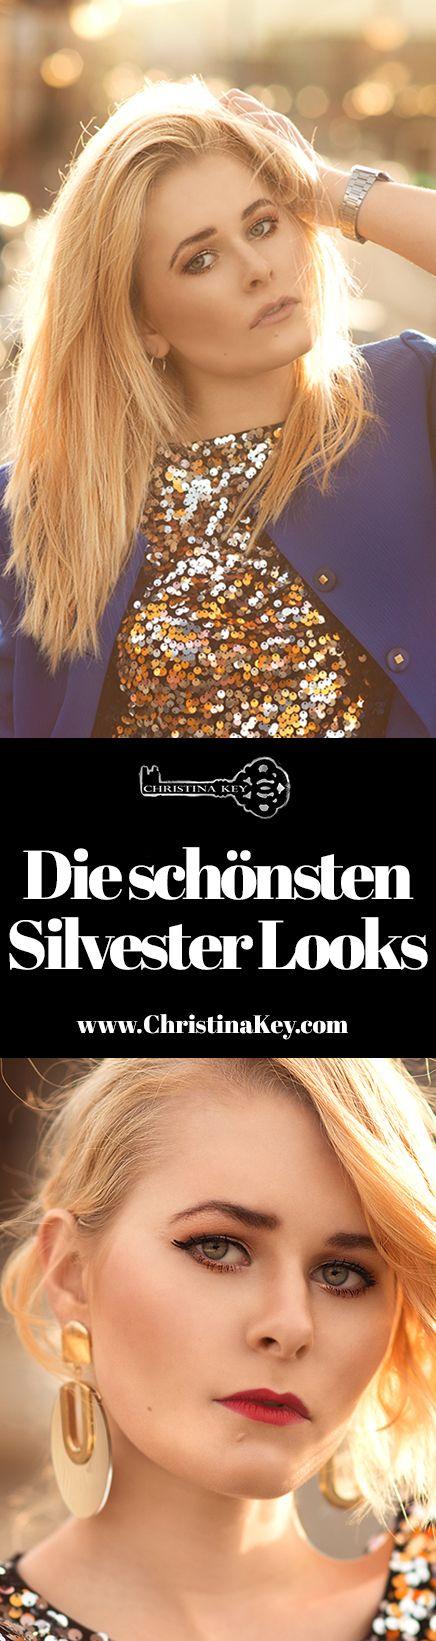 Outfit Inspiration für Damen - Die schönsten Silvester Looks zum Nachmachen! Jetzt entdecken auf CHRISTINA KEY - dem Fotografie, Blogger Tipps, Rezepte, Mode und DIY Blog aus Berlin, Deutschland